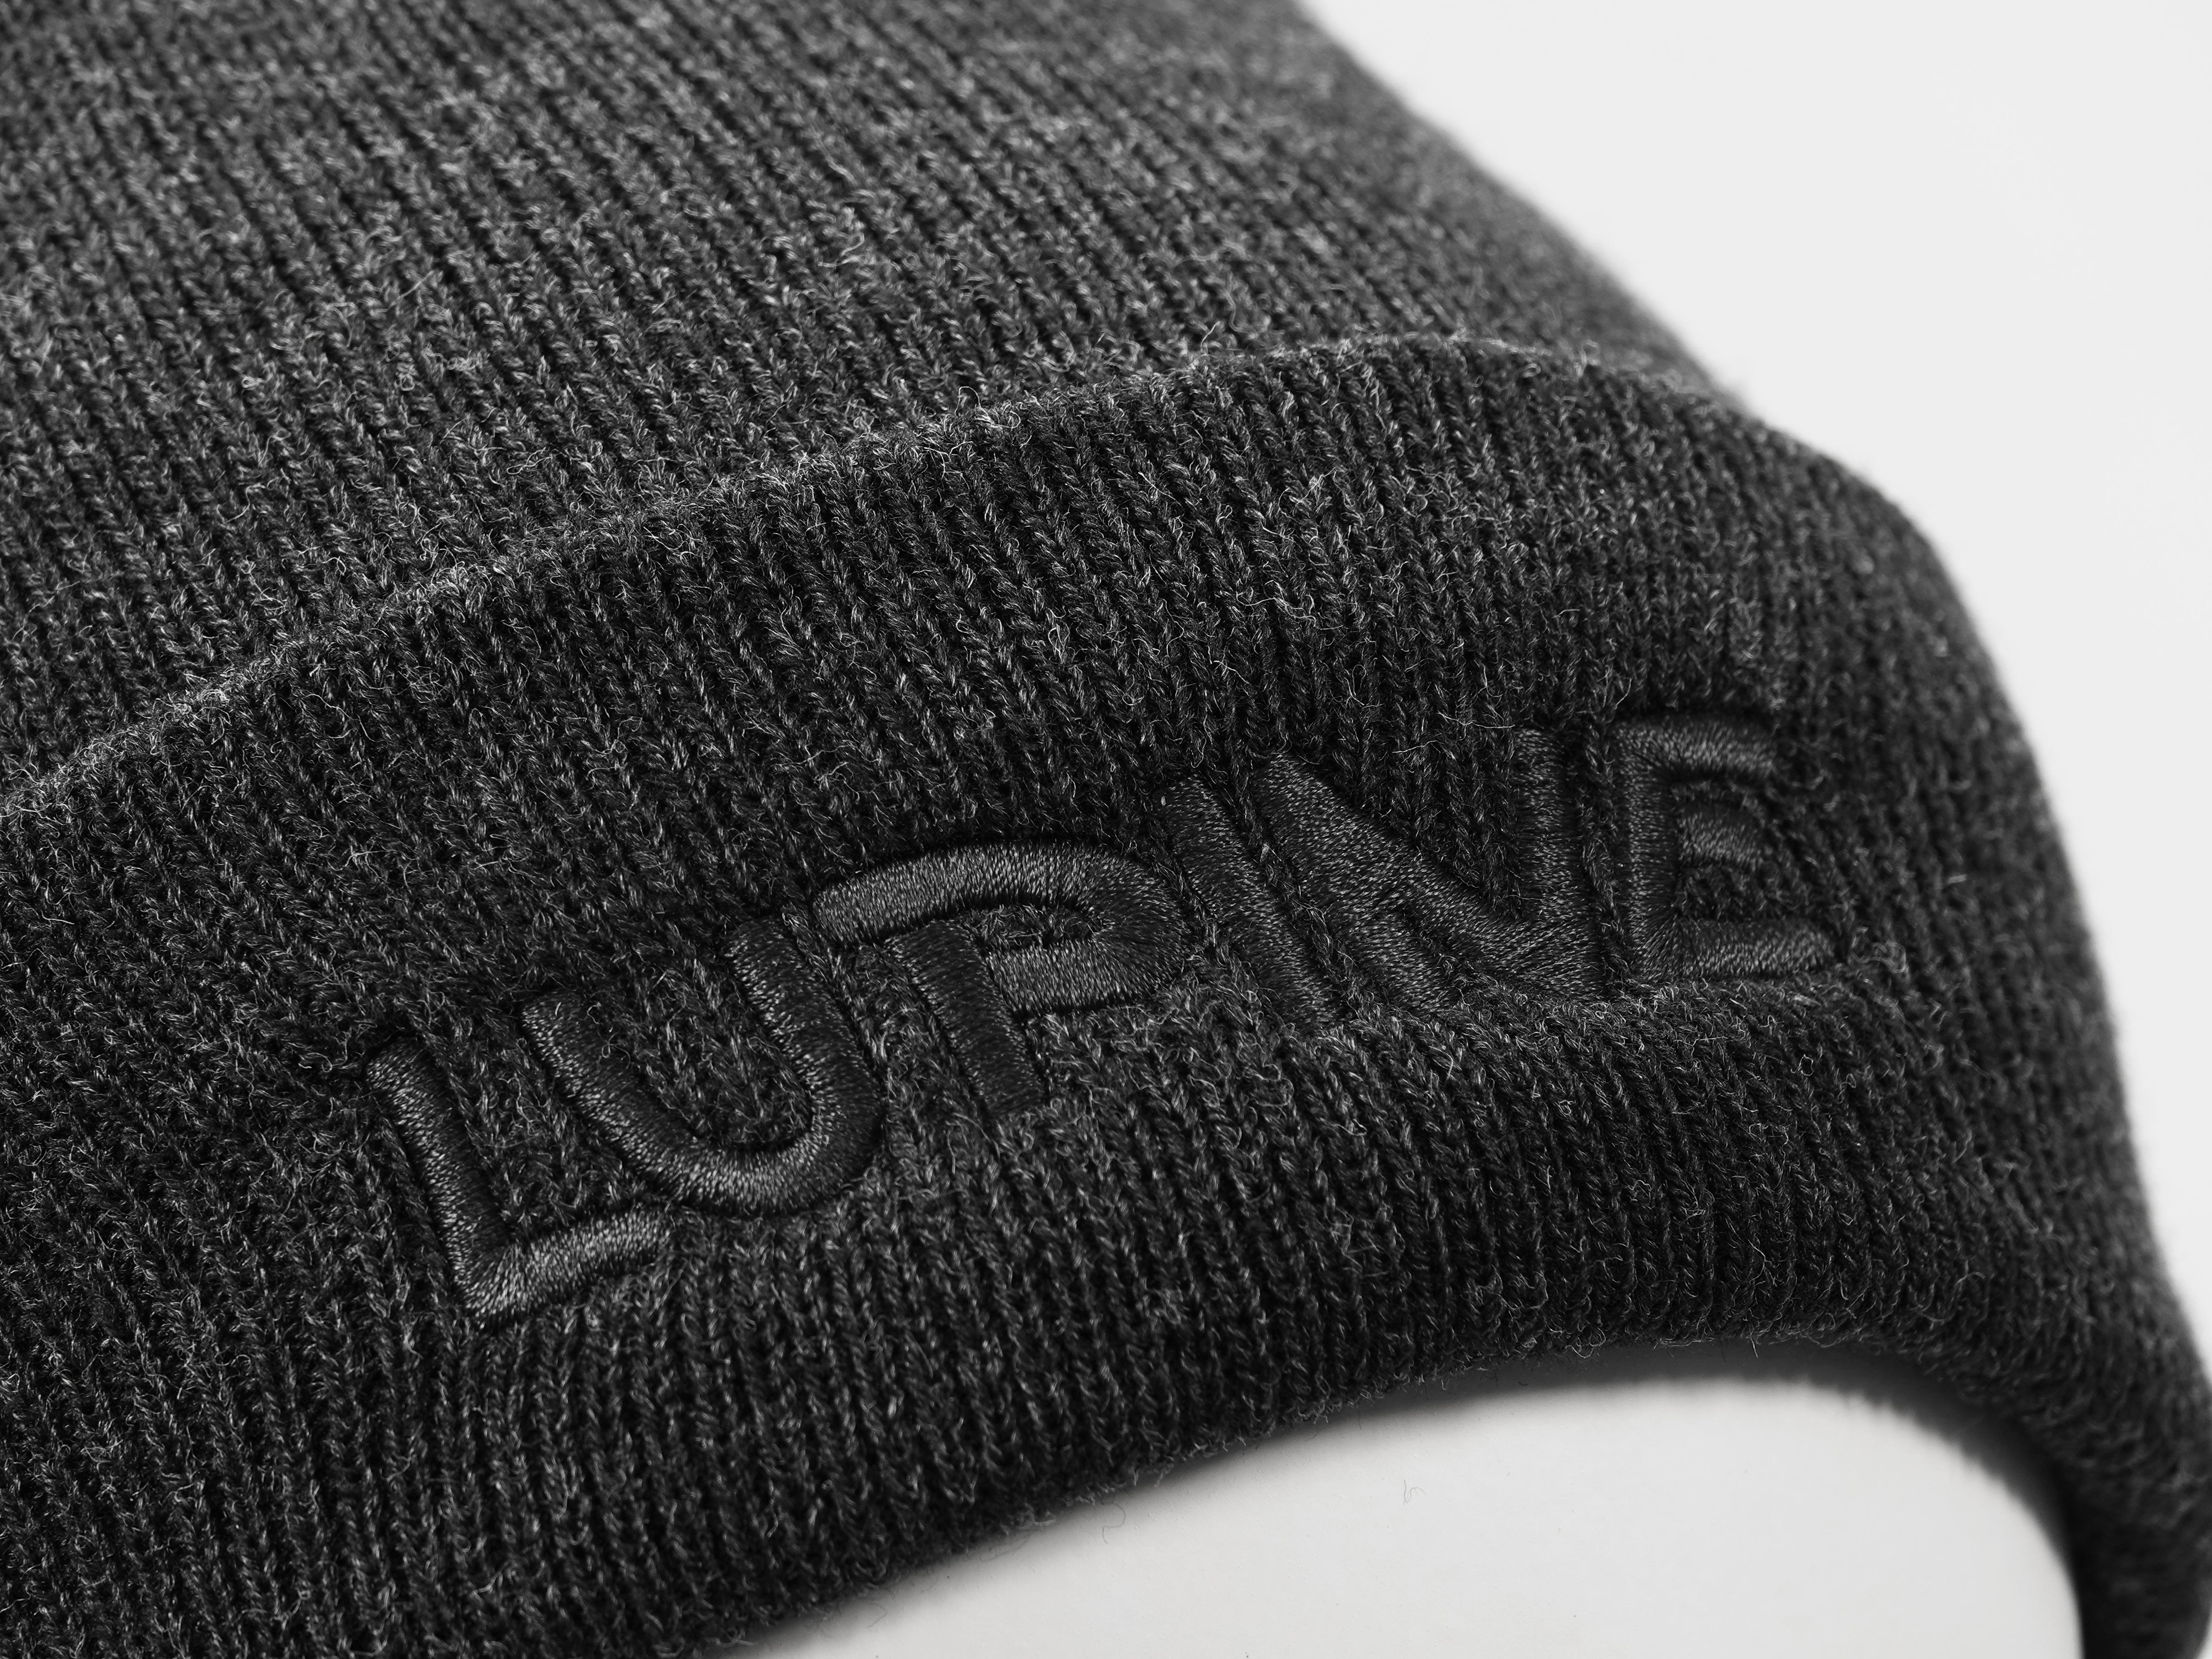 Lupine Mütze 2020 Grau